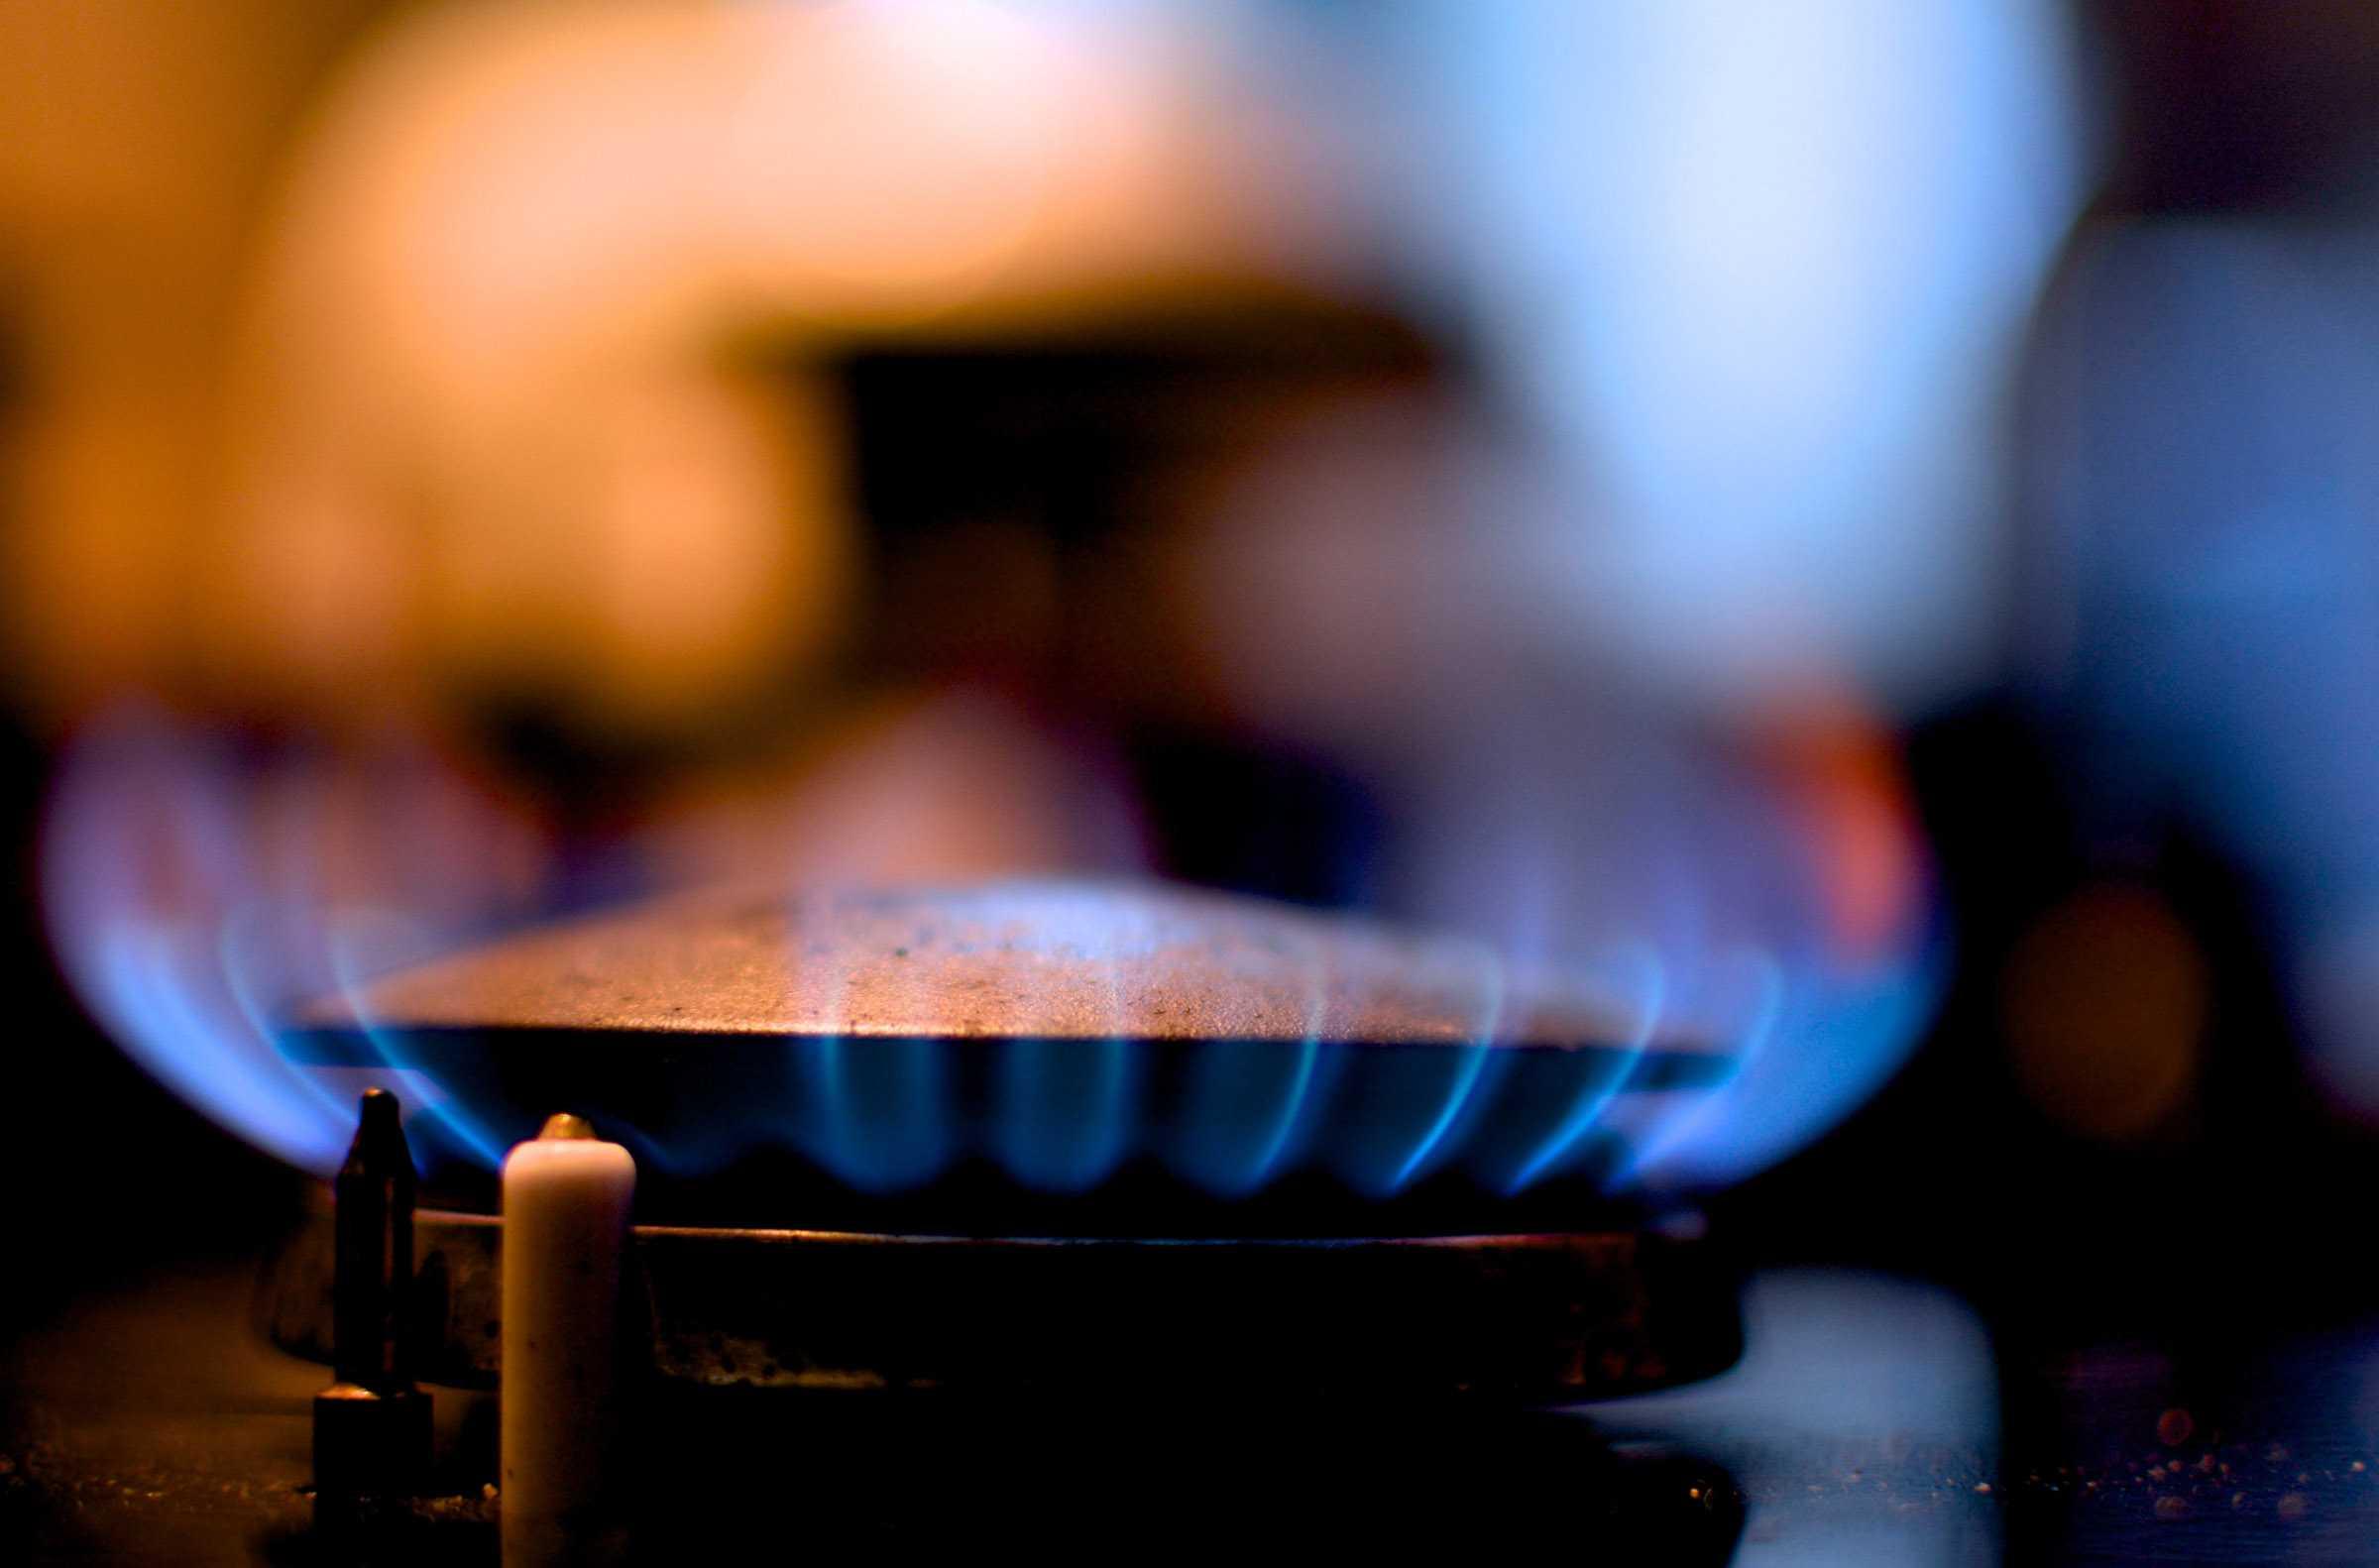 Como ahorrar gas al cocinar en 8 pasos como ahorrar gas al cocinar Como ahorrar gas al cocinar en 8 pasos cooking with gas 2400px